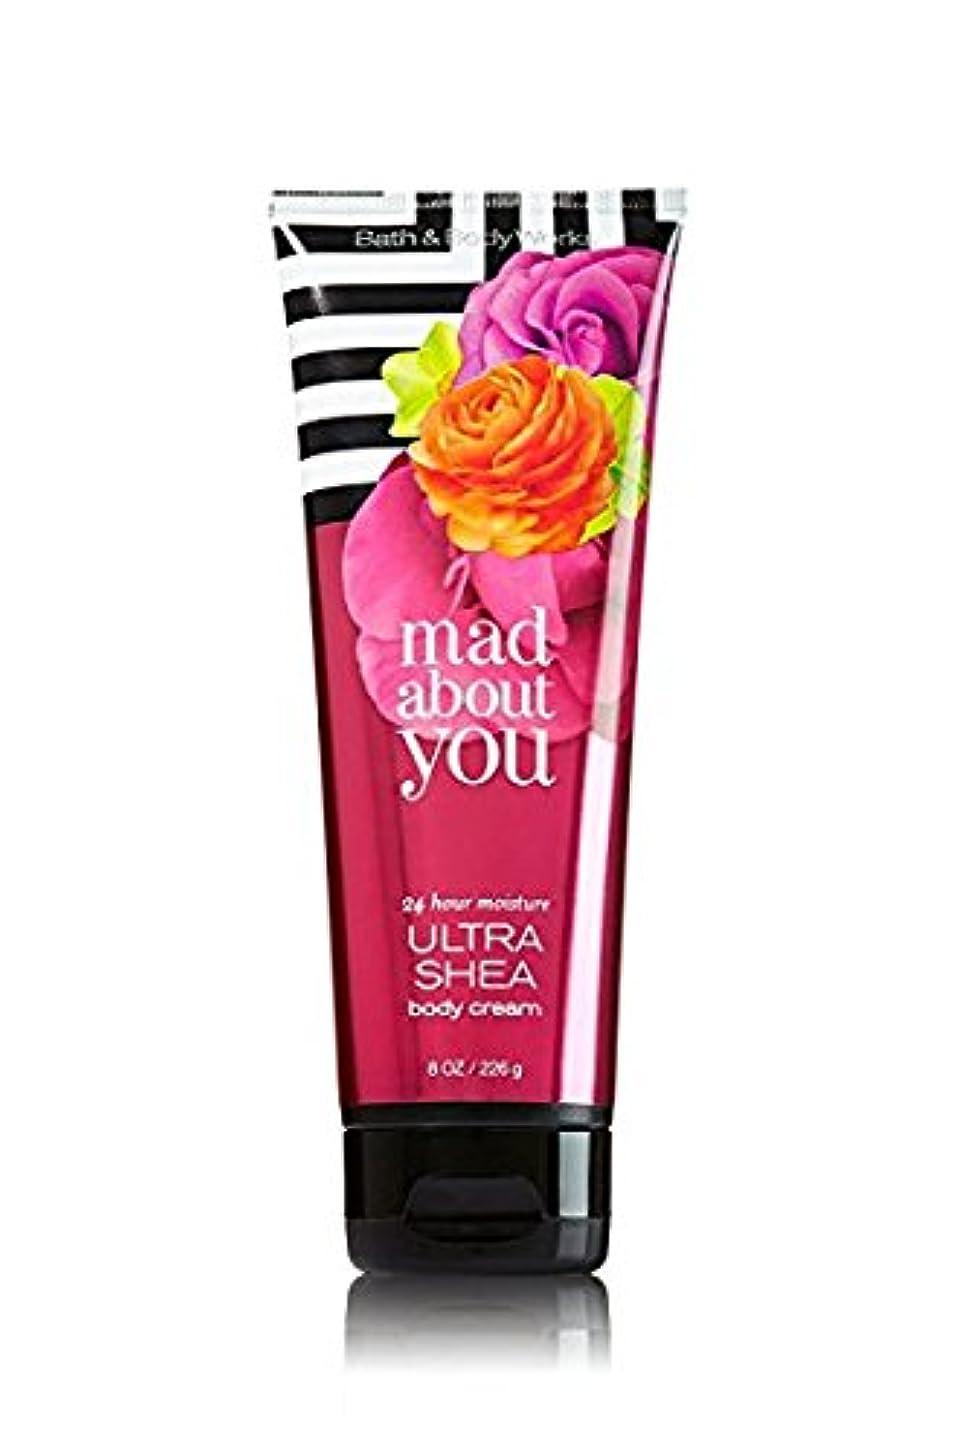 宣言するカーペット放つ【Bath&Body Works/バス&ボディワークス】 ボディクリーム マッドアバウトユー Body Cream Mad About You 8 oz / 226 g [並行輸入品]